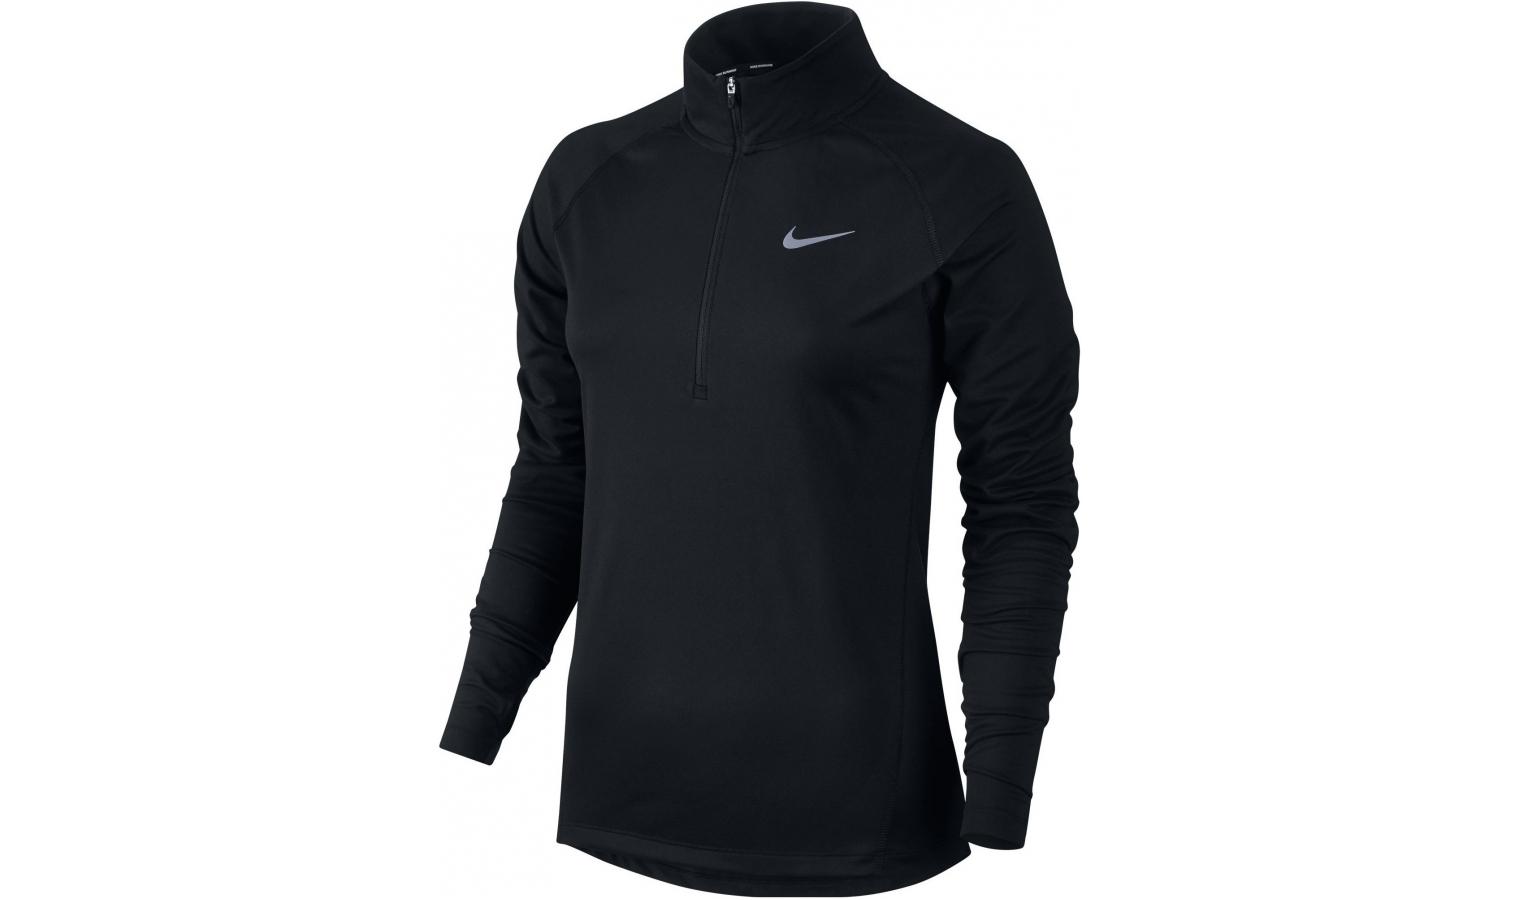 Dámská funkční mikina Nike TOP CORE HZ MID W černá  45713ce2c1